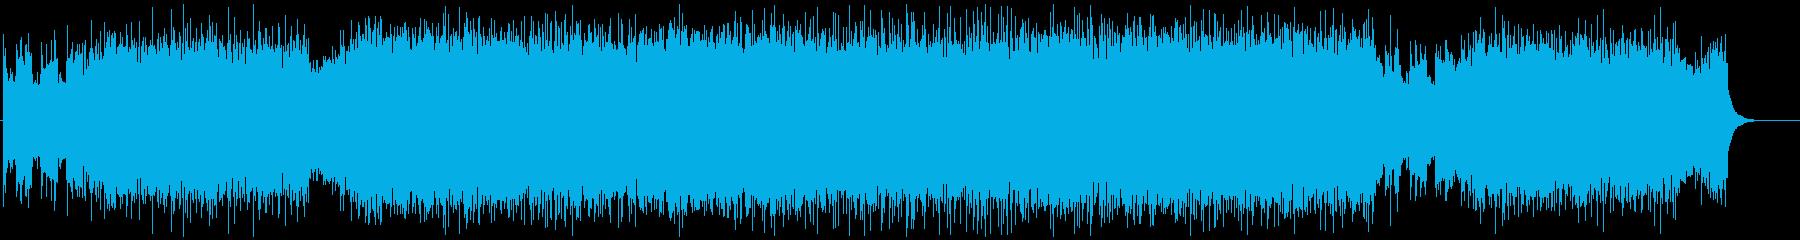 疾走感のあるパワフルなギターインストの再生済みの波形